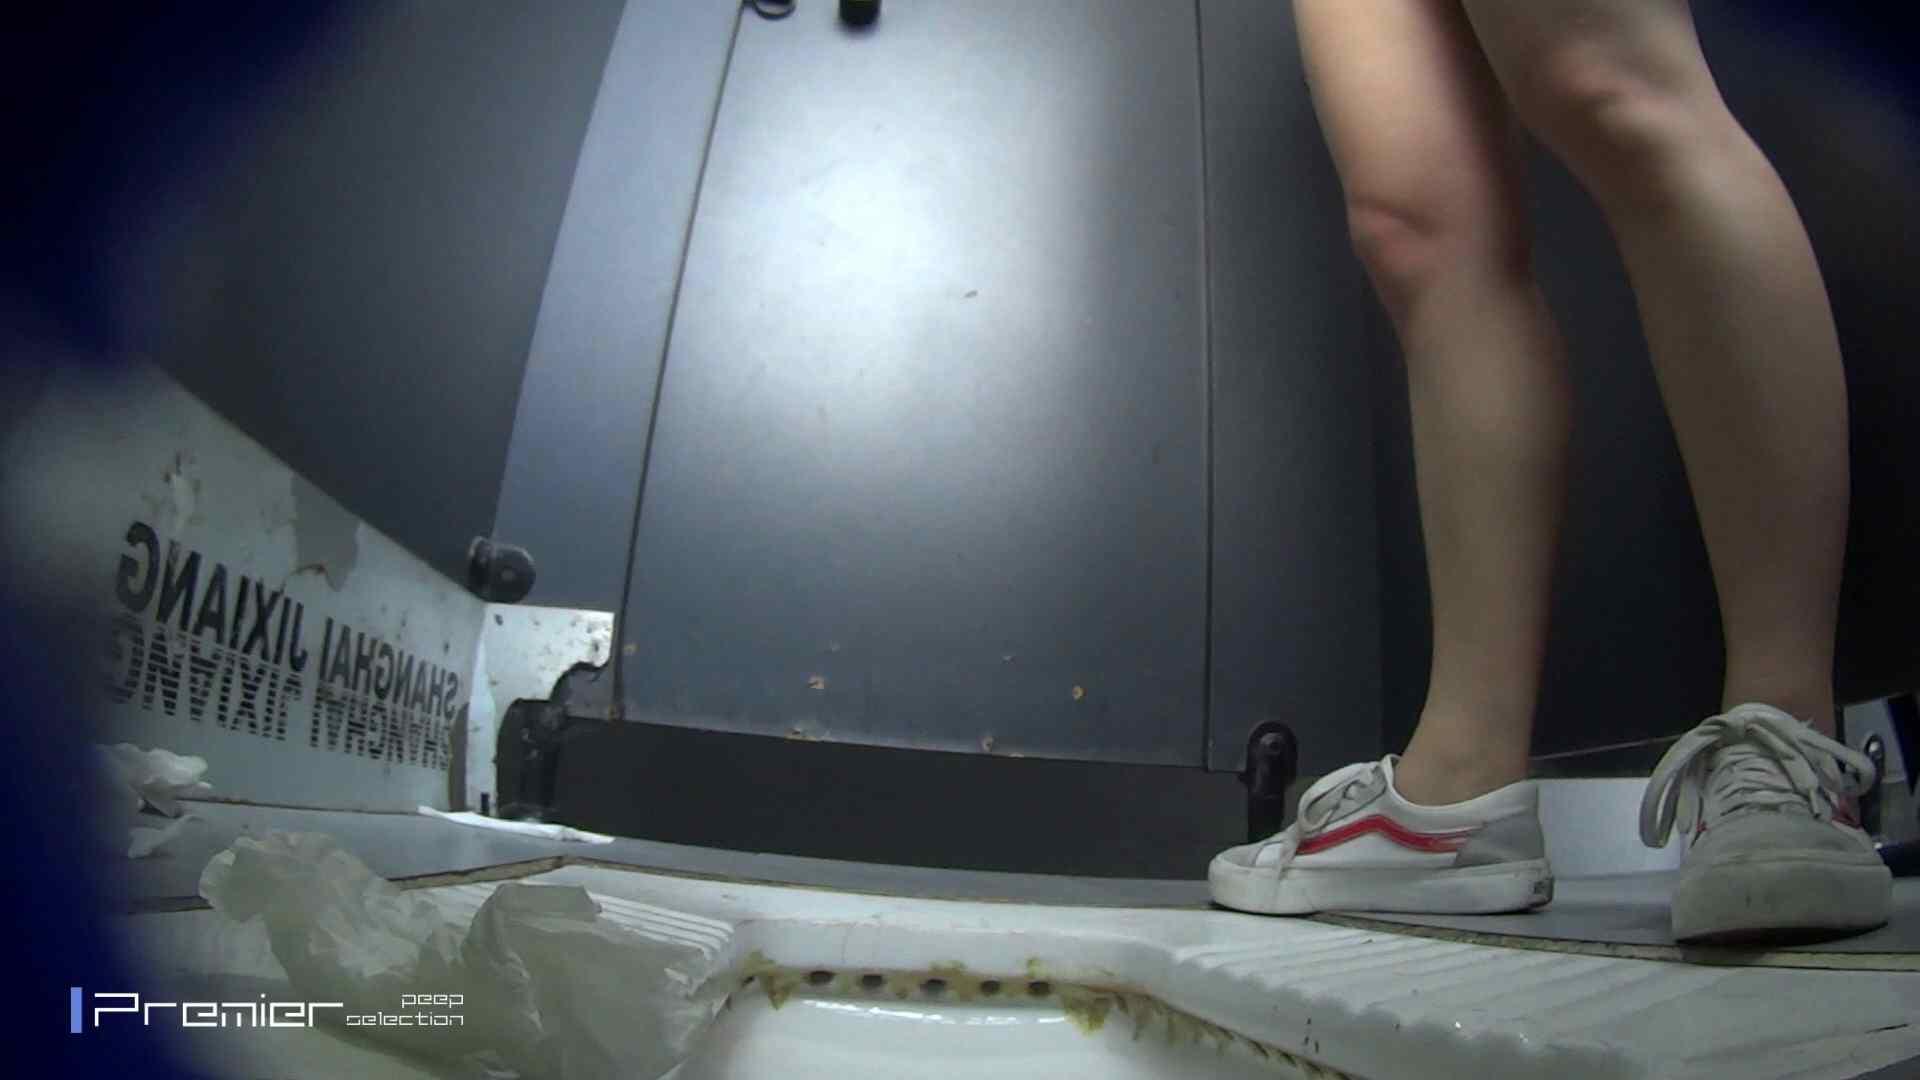 スキニージーンズの美女 大学休憩時間の洗面所事情56 盗撮映像  94Pix 23